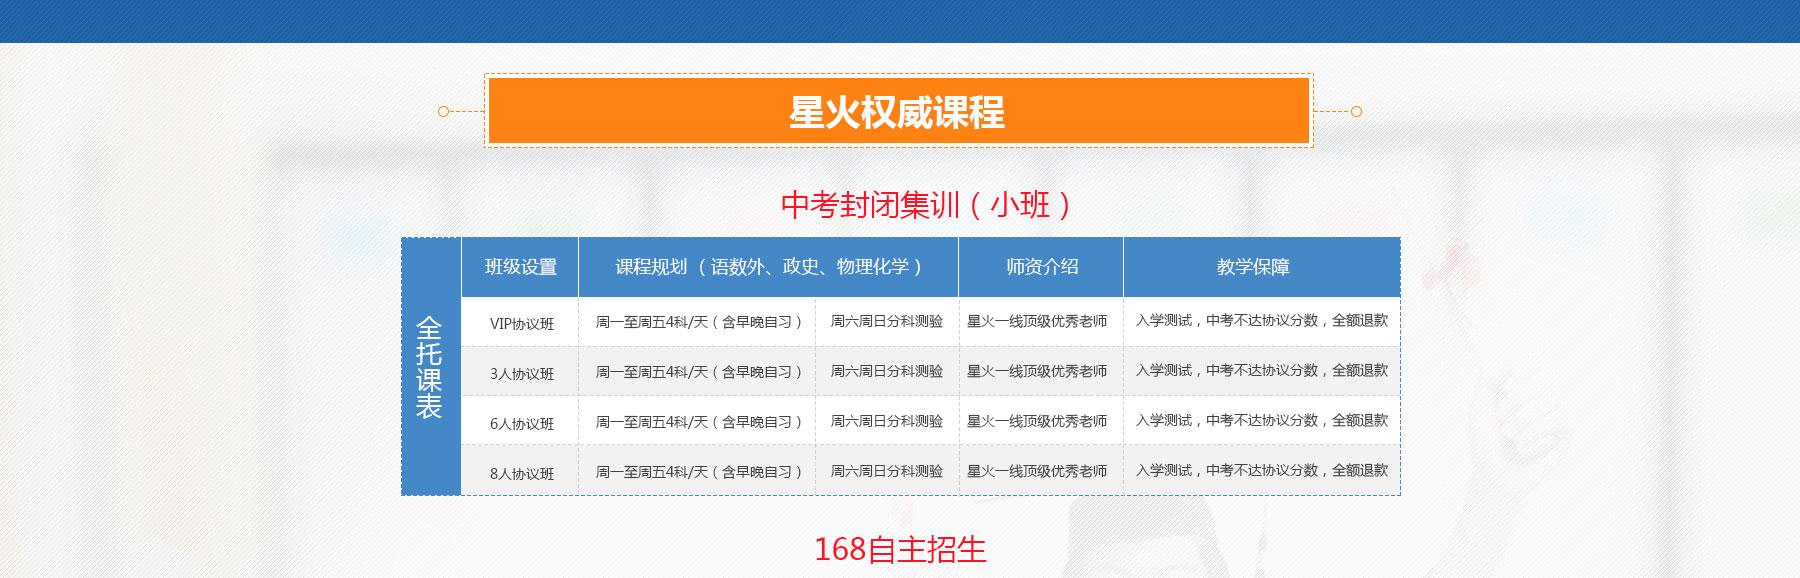 安徽星火教育培训中心有限公司